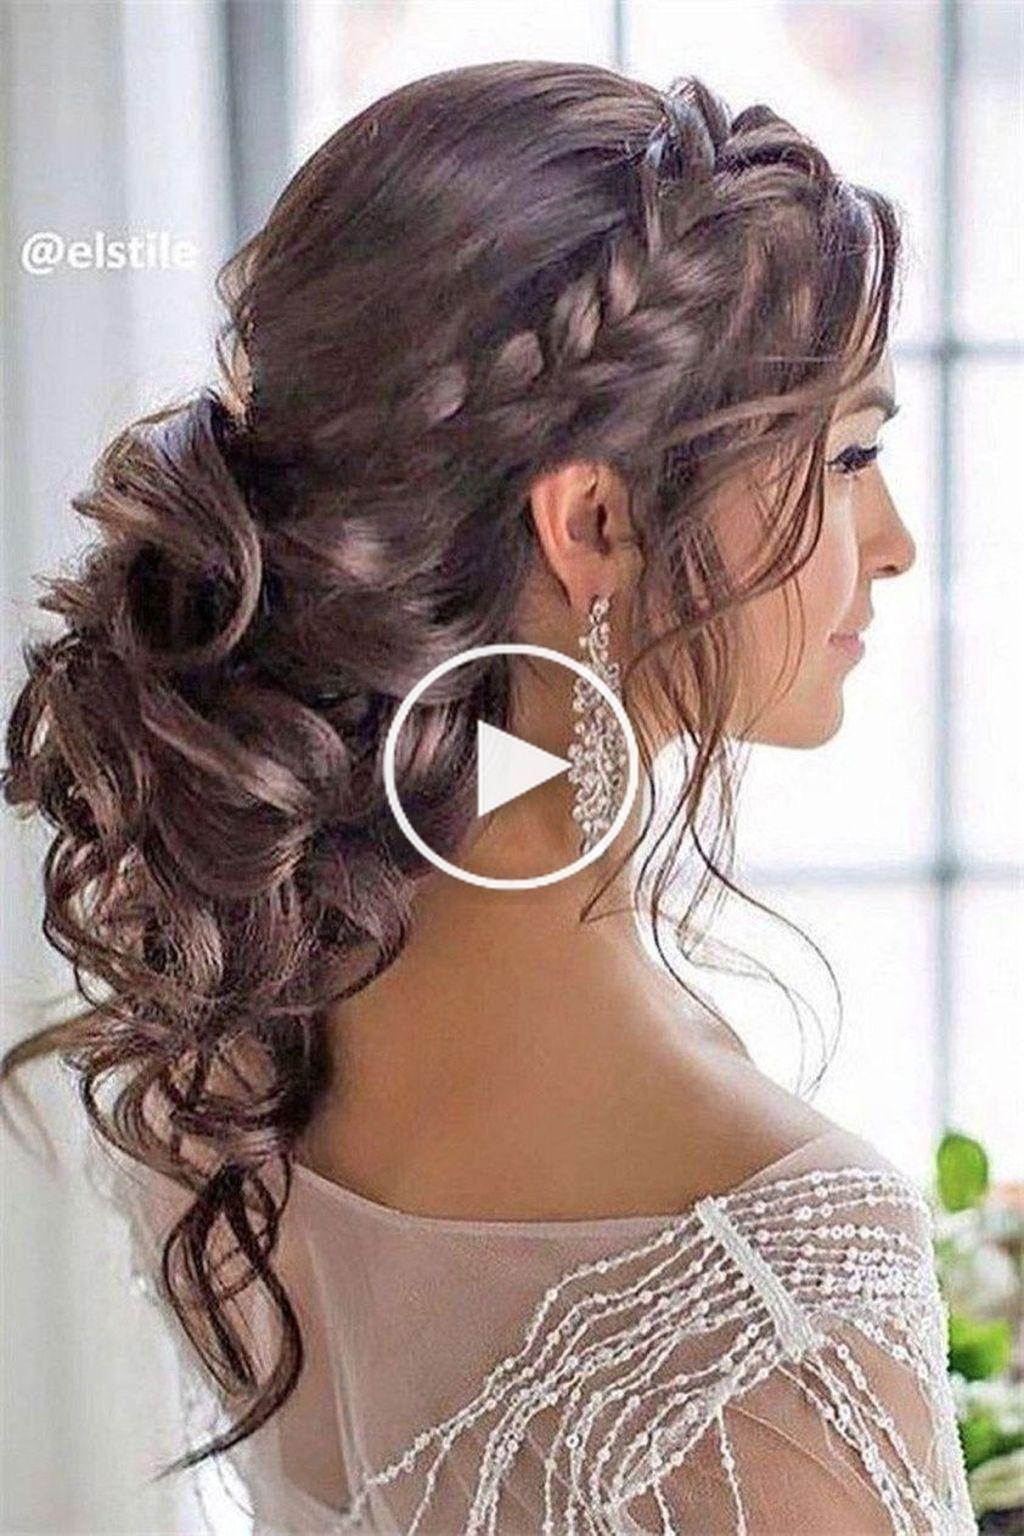 40 Coupes De Cheveux De Mariage Parfait Idees Pour Cheveux Longs Long Hair Updo Braided Hairstyles For Wedding Wedding Hairstyles Updo